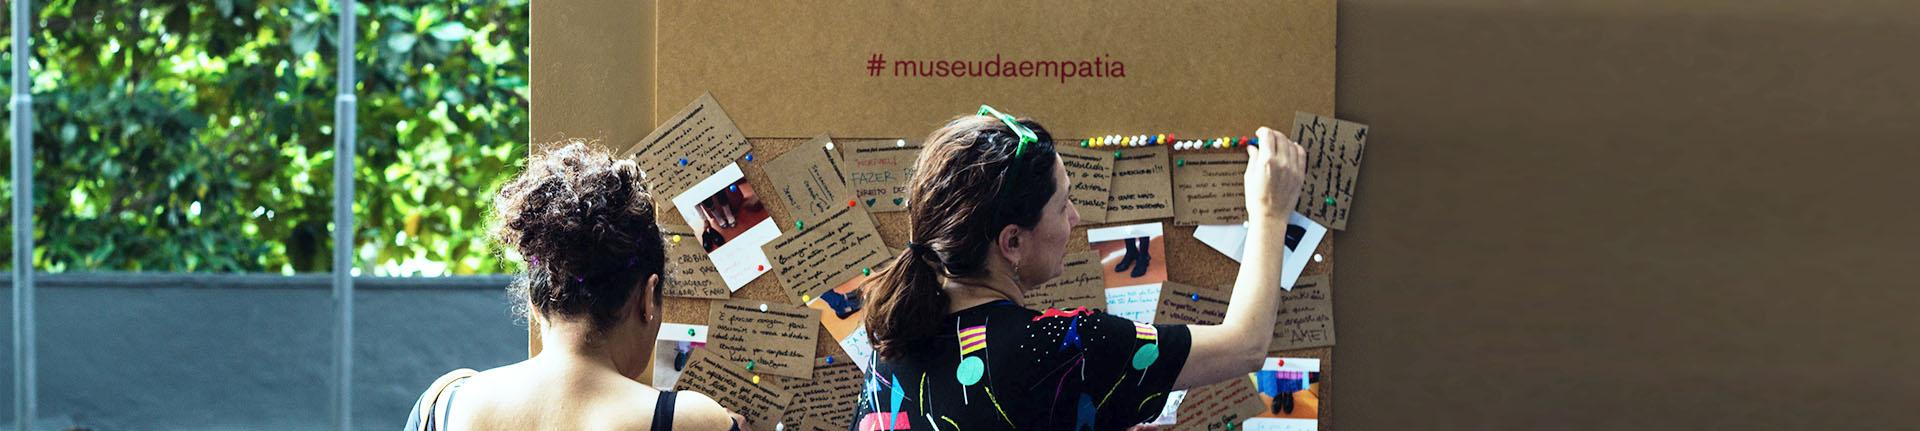 Museu da Empatia chega ao Brasil